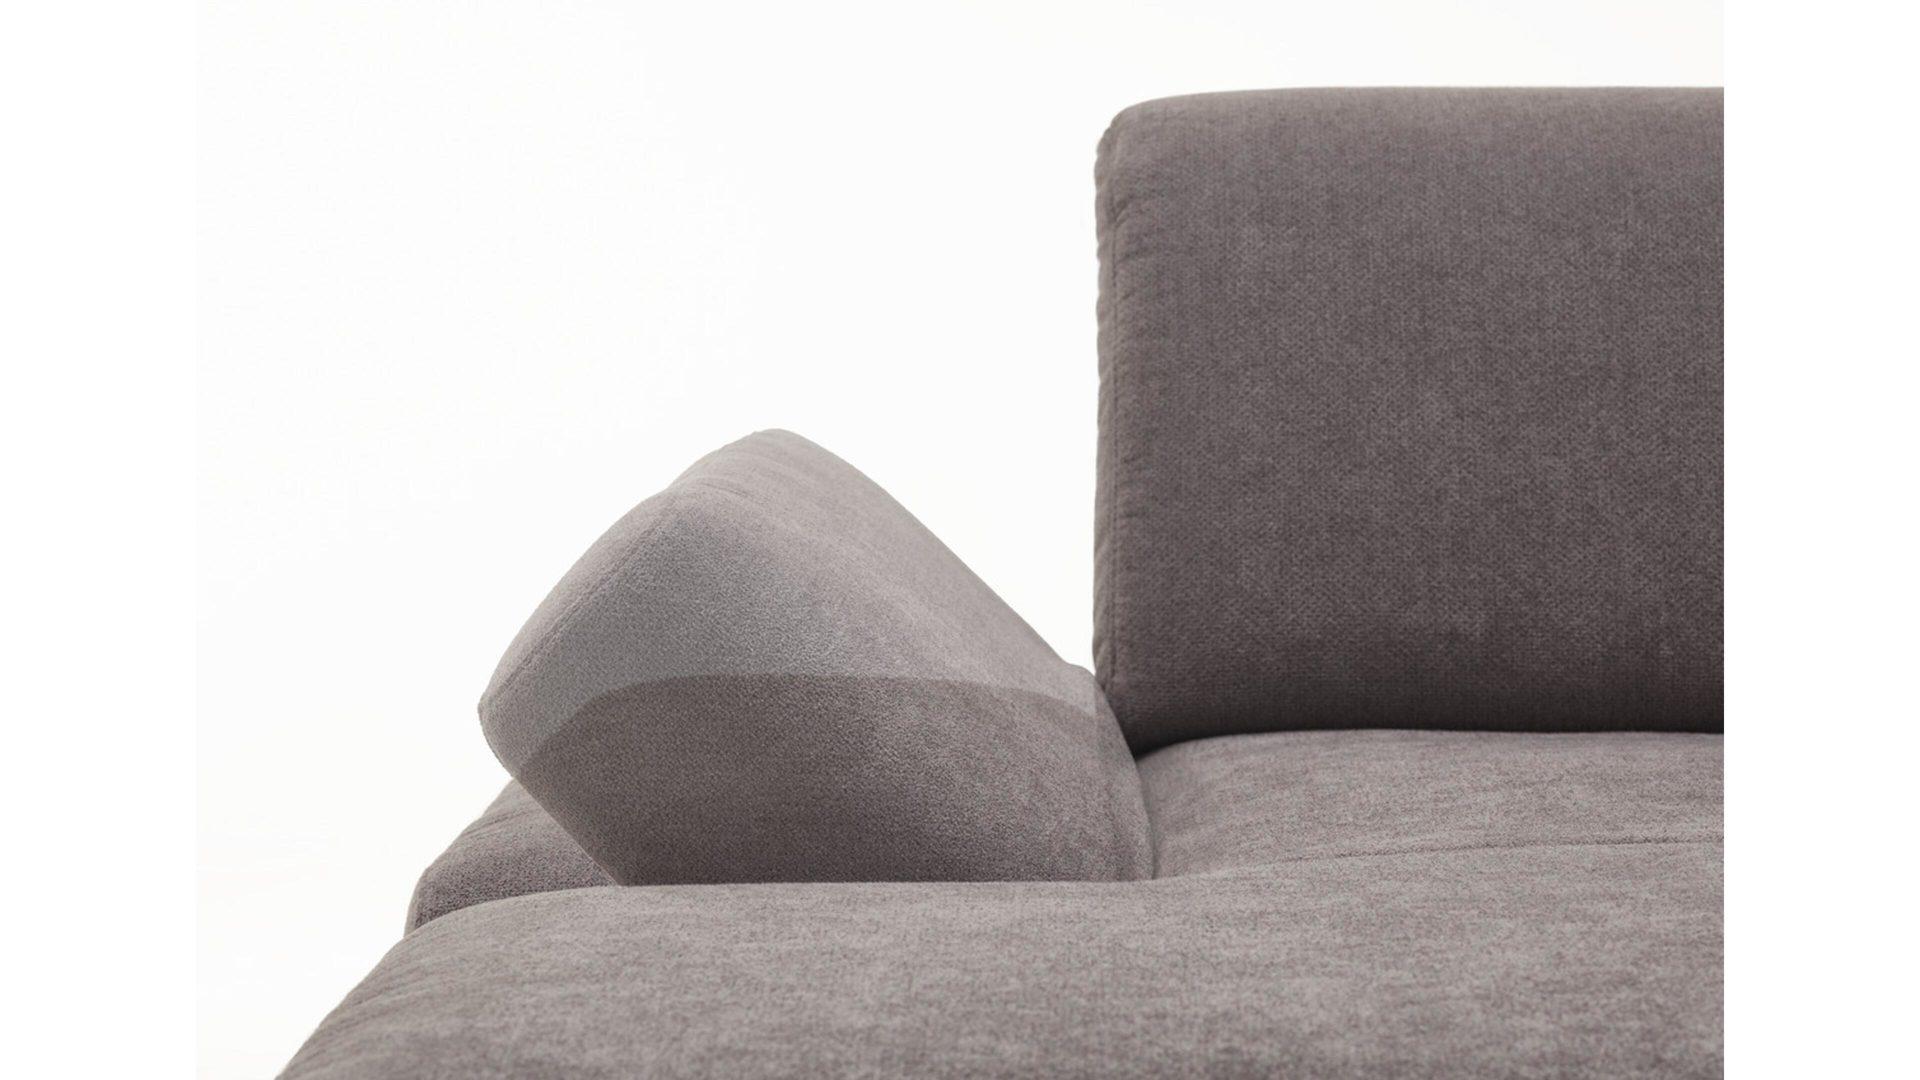 Möbel Boer Coesfeld Räume Wohnzimmer Sofas Couches Kawoo